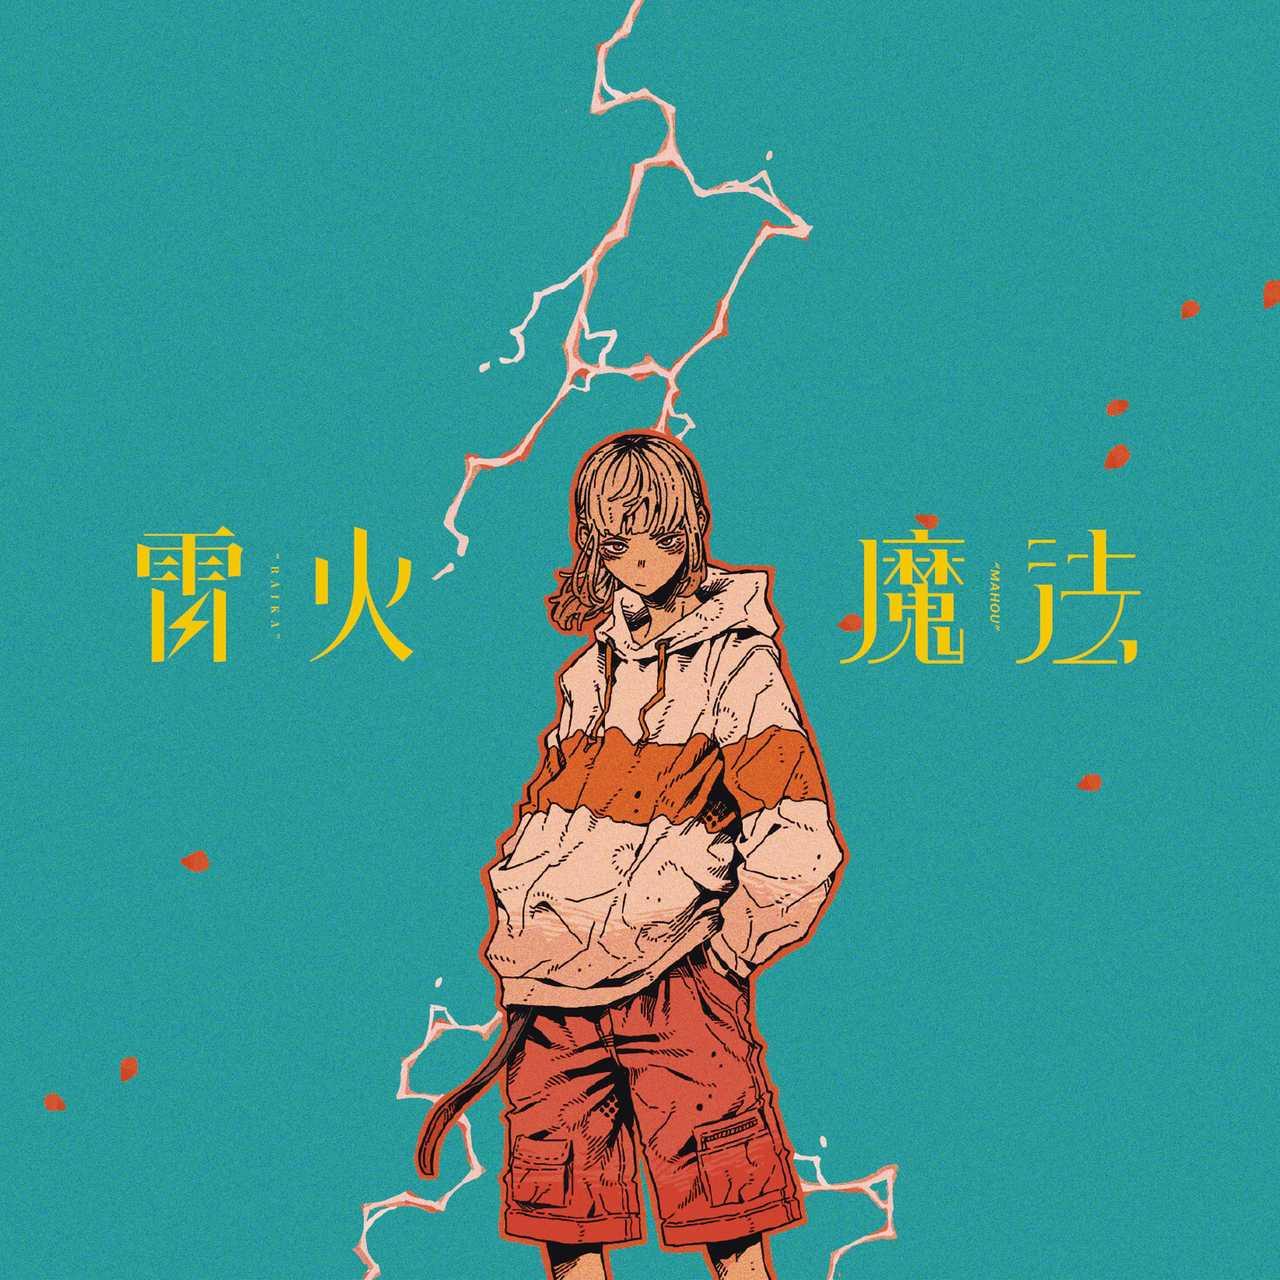 ナナヲアカリ、TVアニメ「平穏世代の韋駄天達」EDテーマ「雷火」フル配信スタート&MV公開!